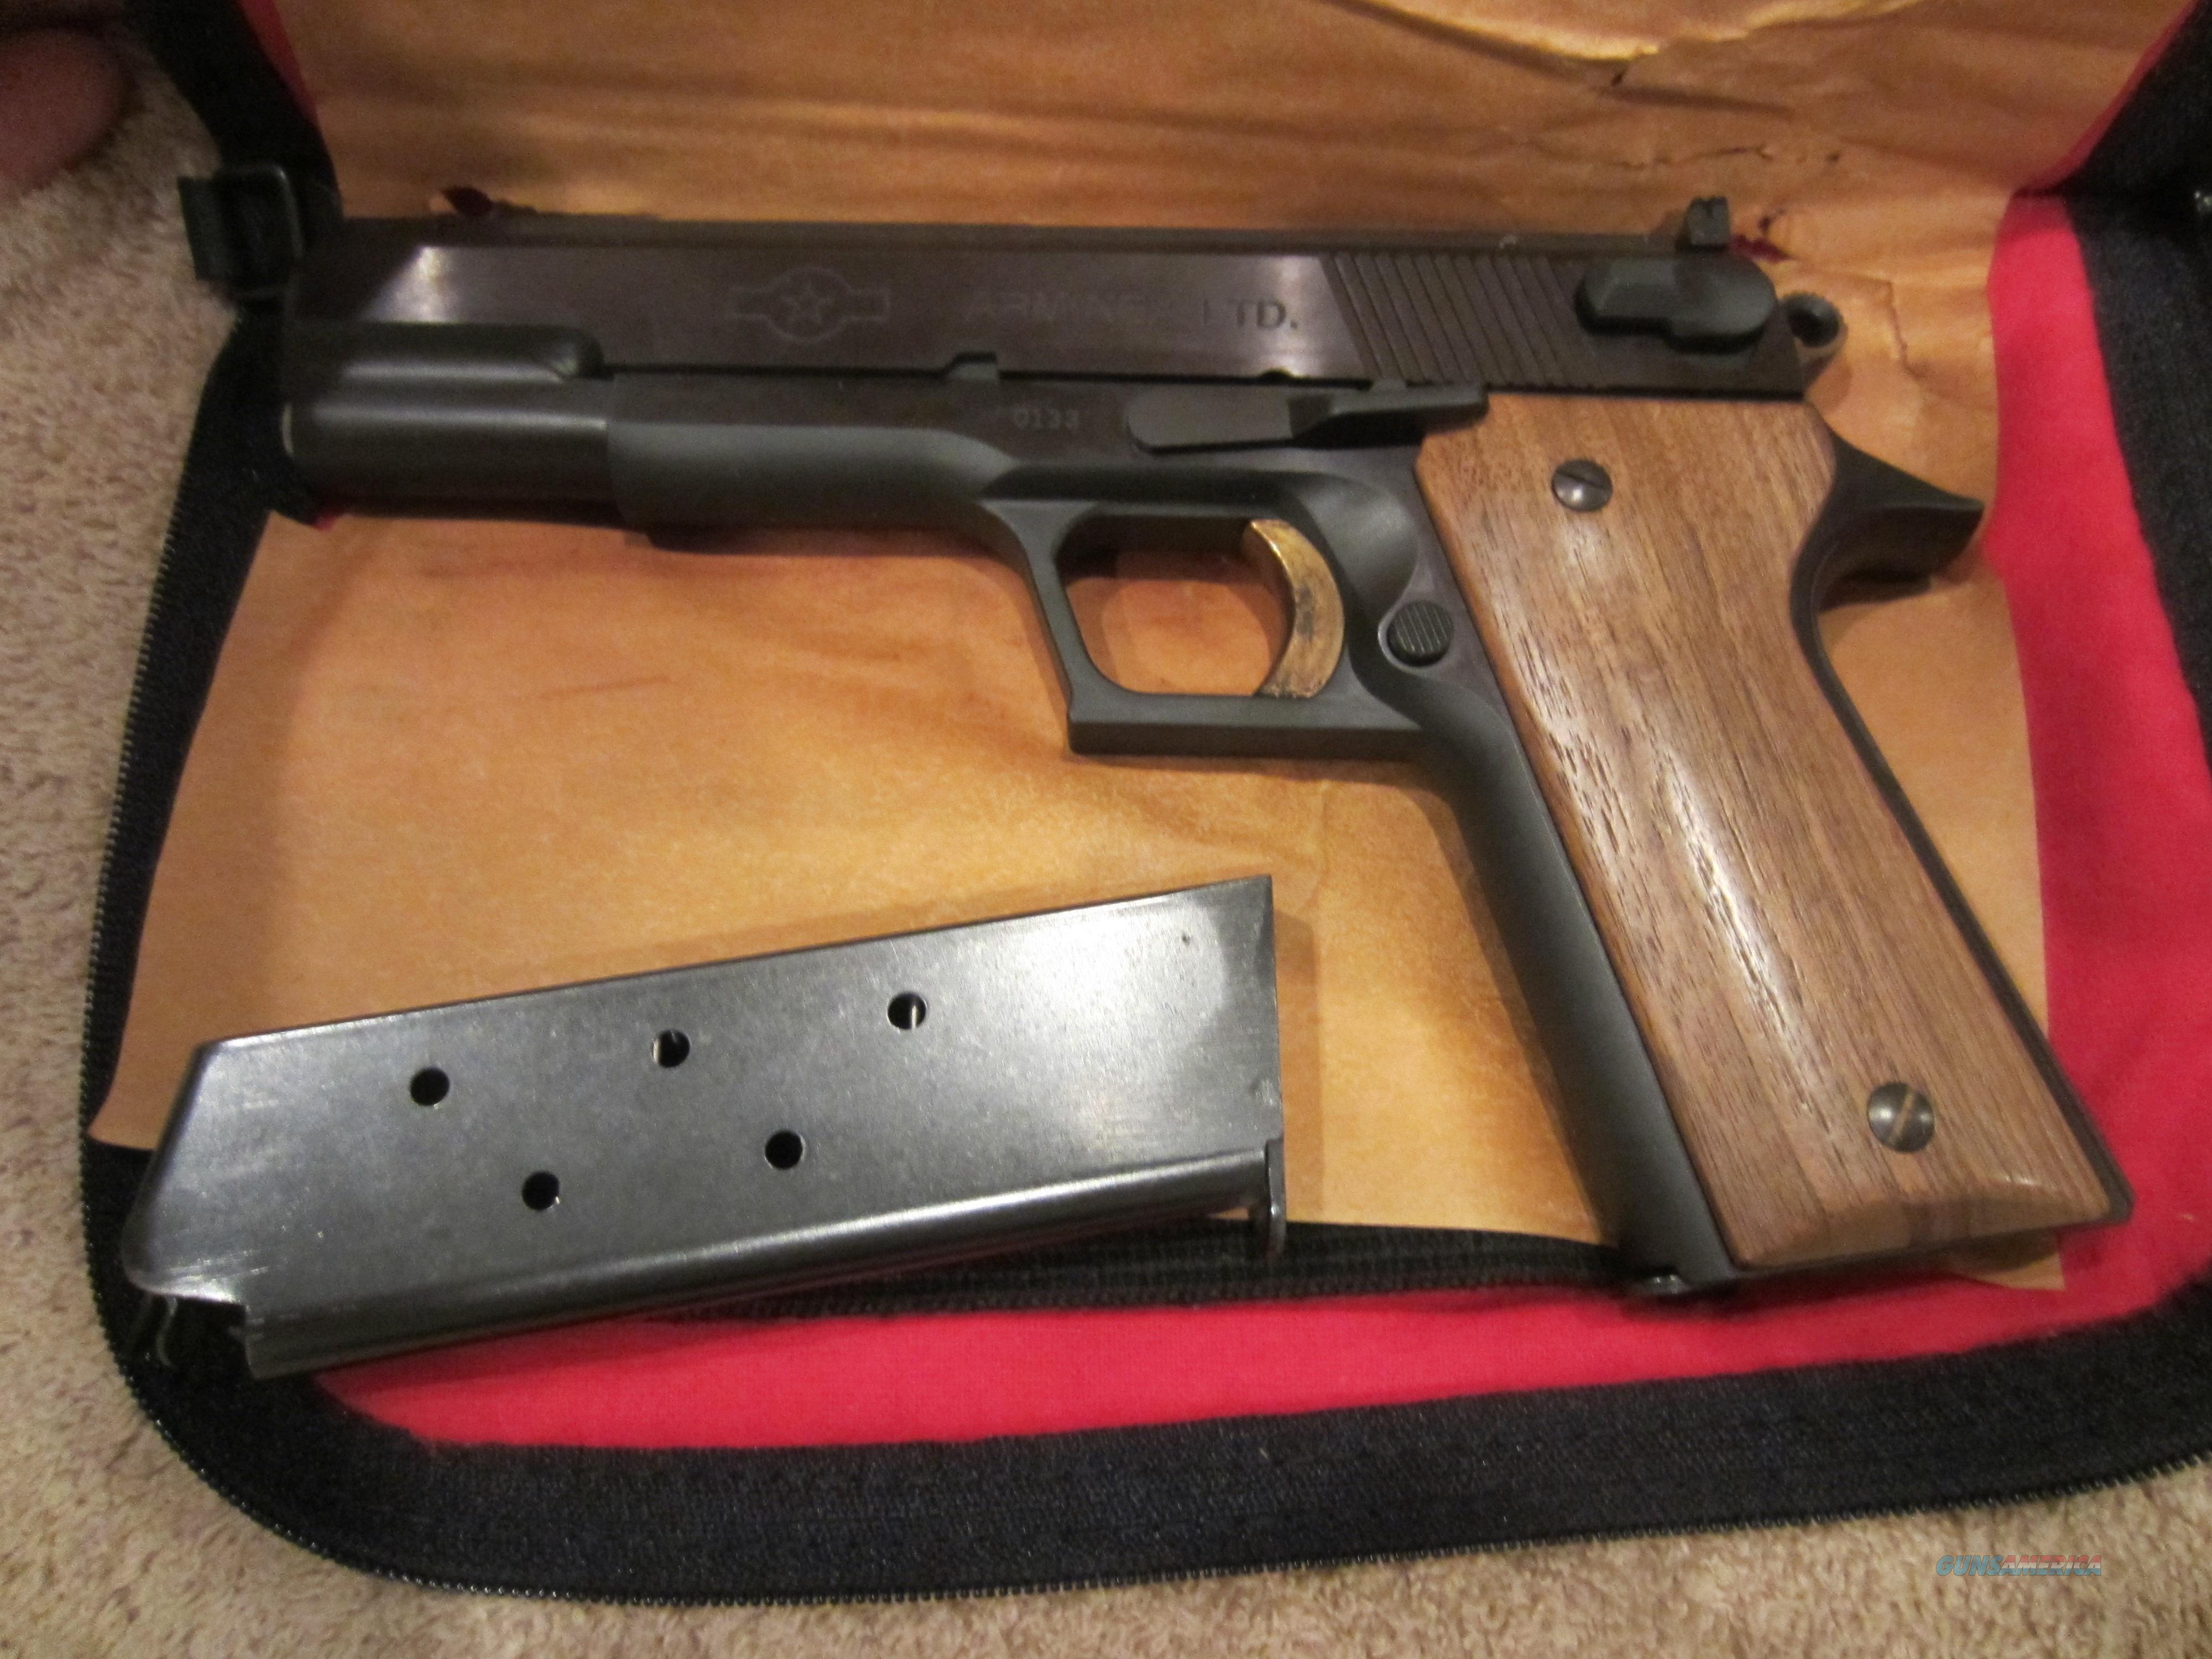 Rare Arminex Trifire 1911 W Presentation Case For Sale